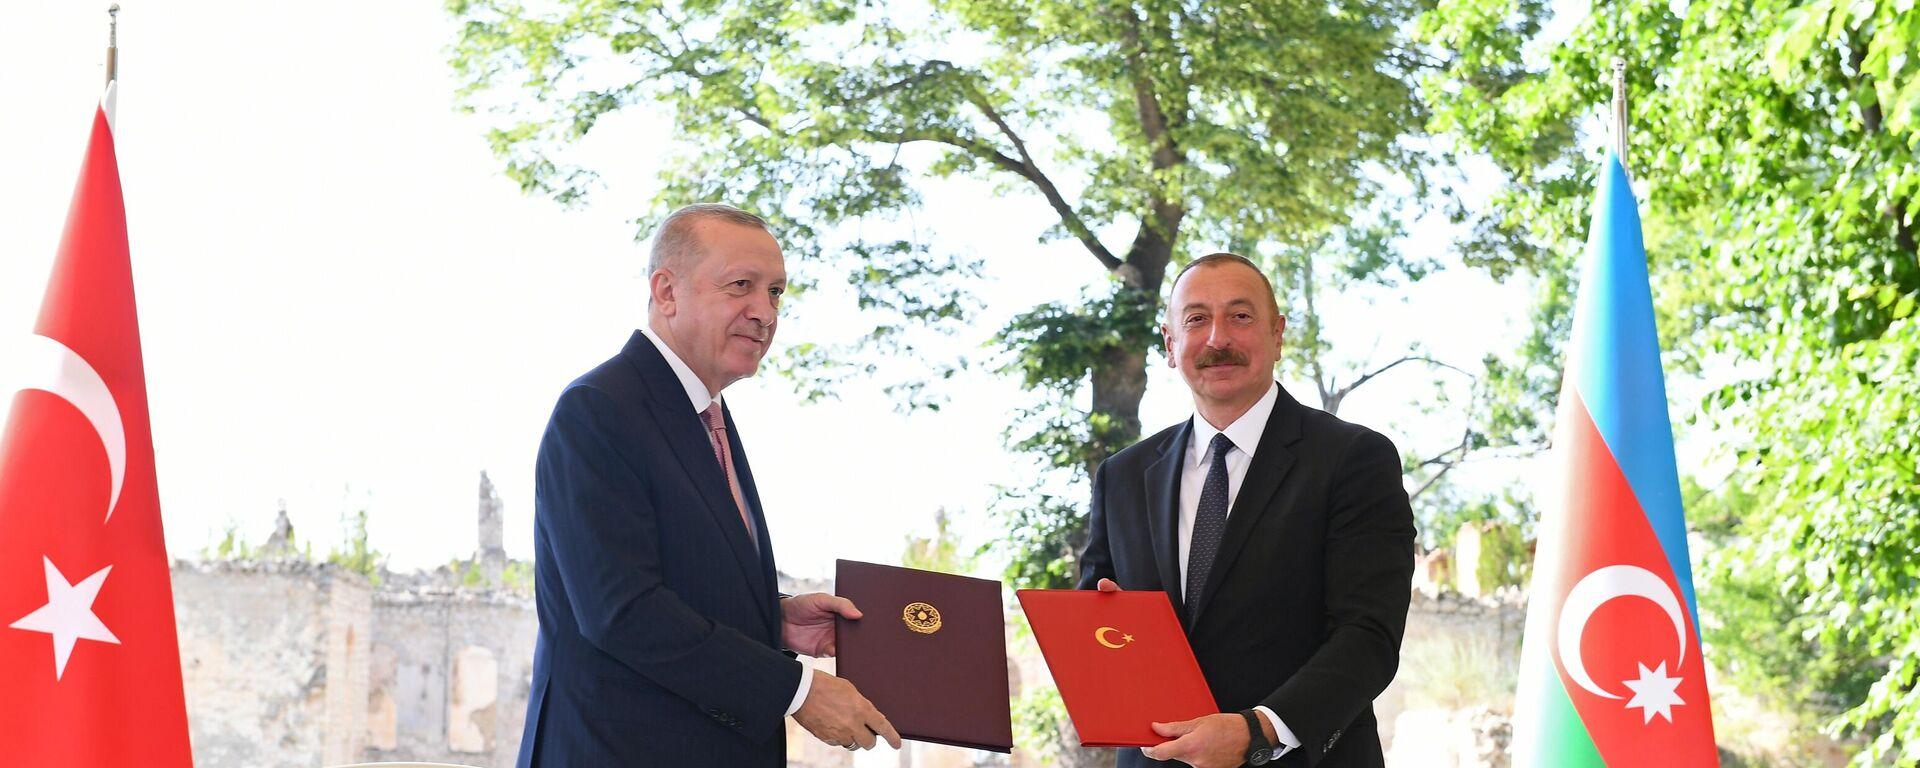 Recep Tayyip Erdogan, el presidente de Turquía (izda.), con su homólogo azerí Ilham Aliyev (dcha.) firmando una declaración de relaciones aliadas  - Sputnik Mundo, 1920, 15.06.2021